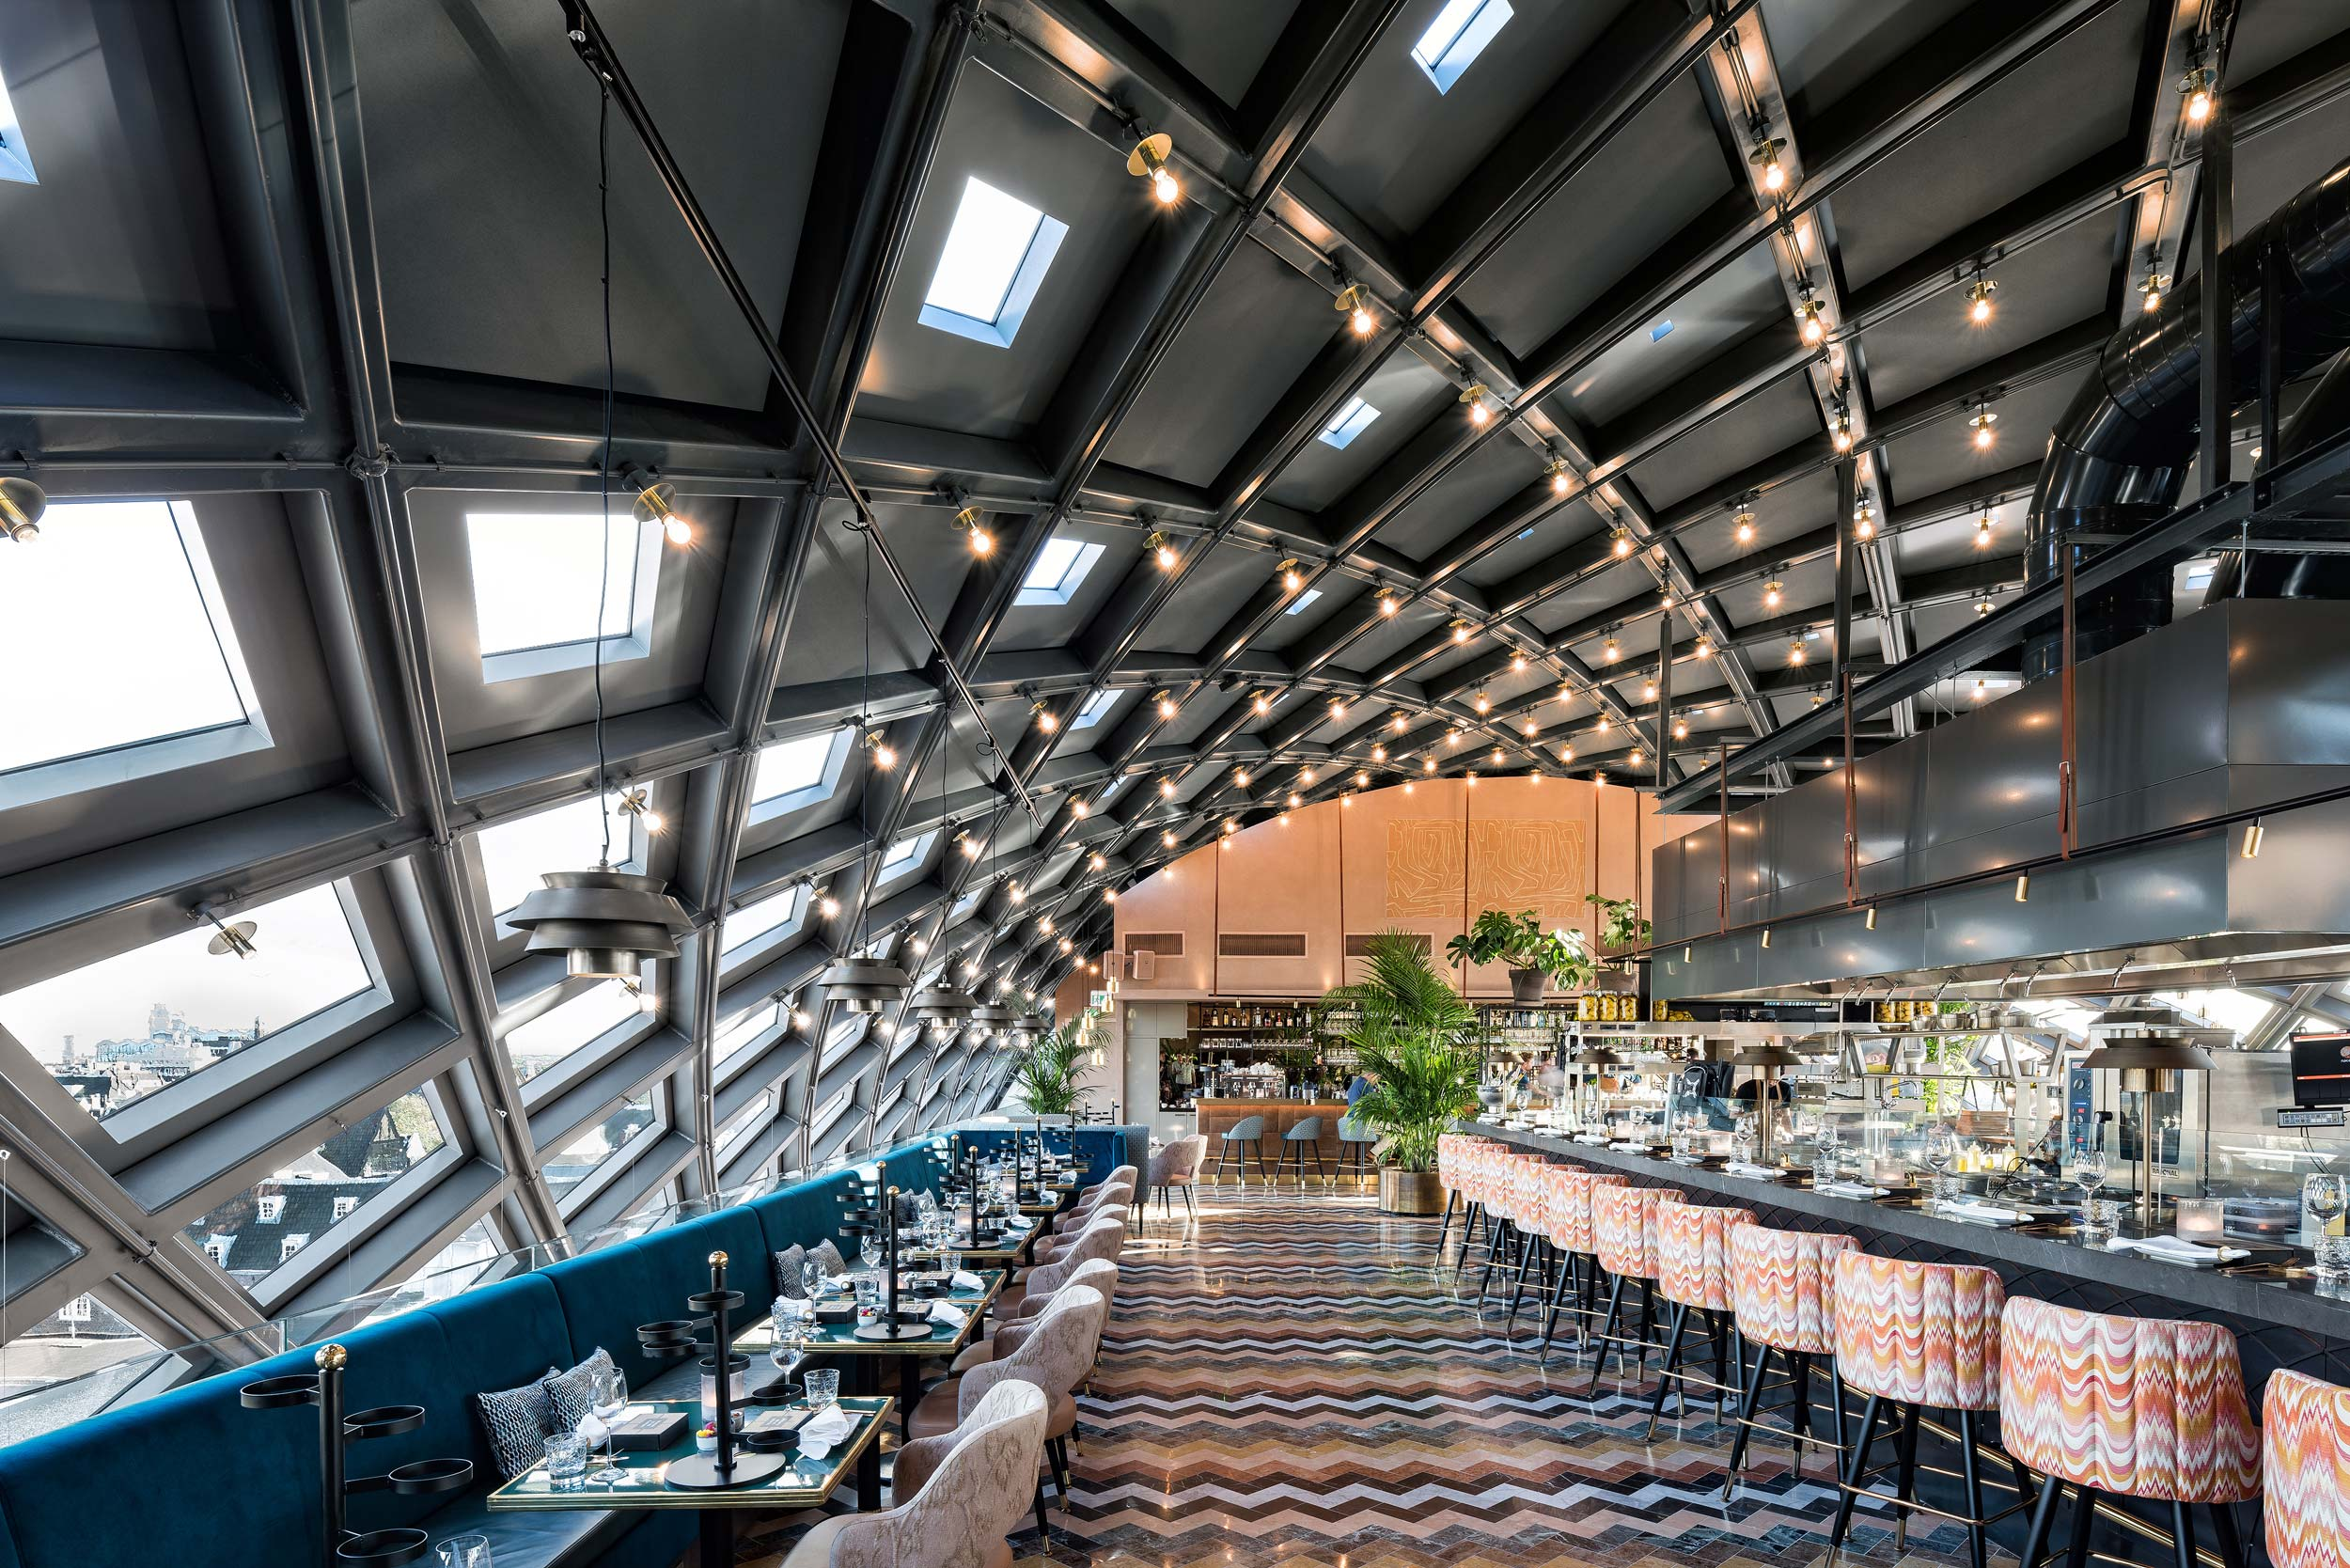 Interieurfotograaf Amsterdam - Chiel de Nooyer, Nacarat restaurant